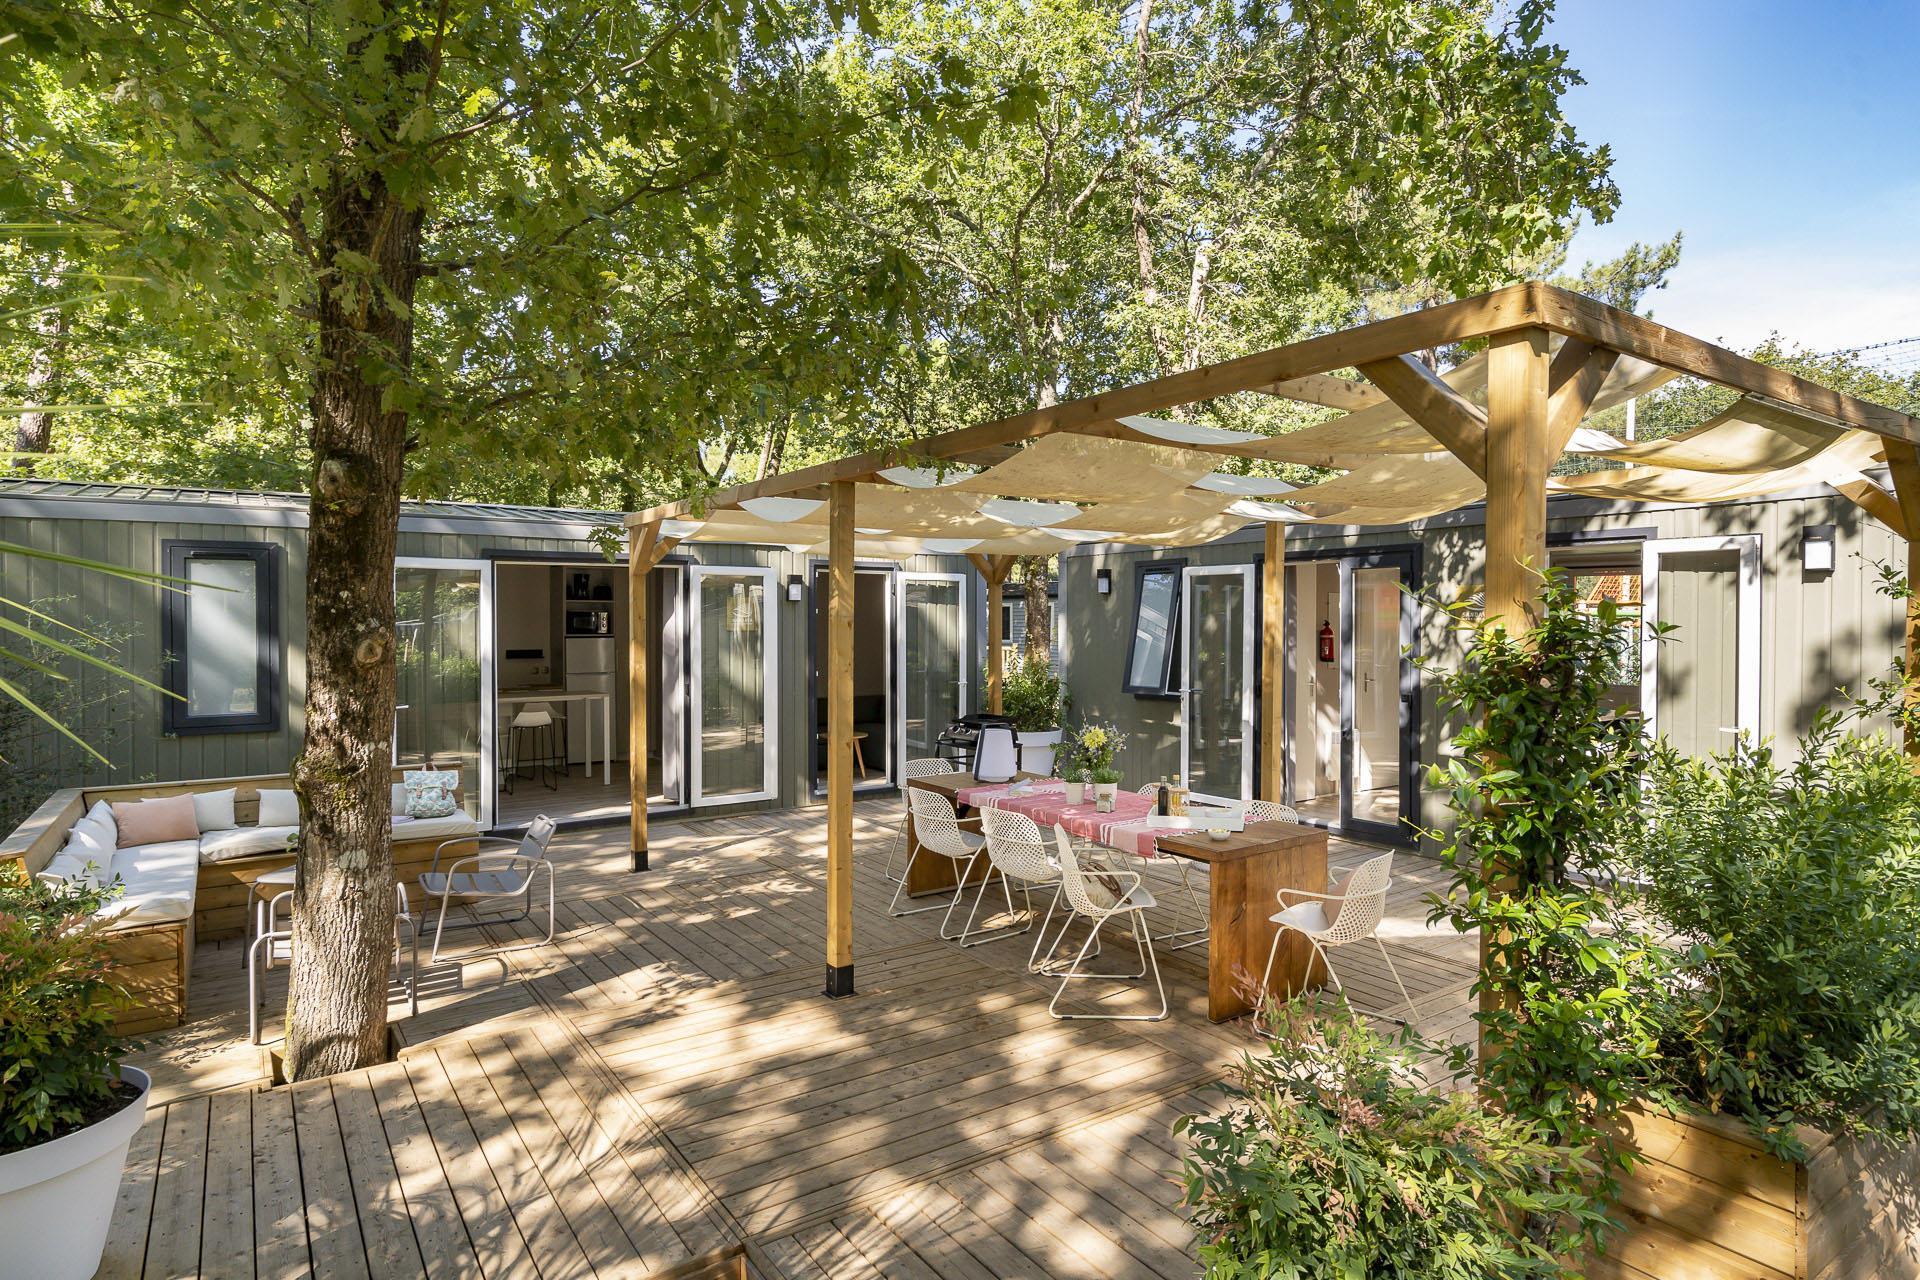 Location - Cottage Friends 5 Chambres **** - Camping Sandaya L'Orée du Bois